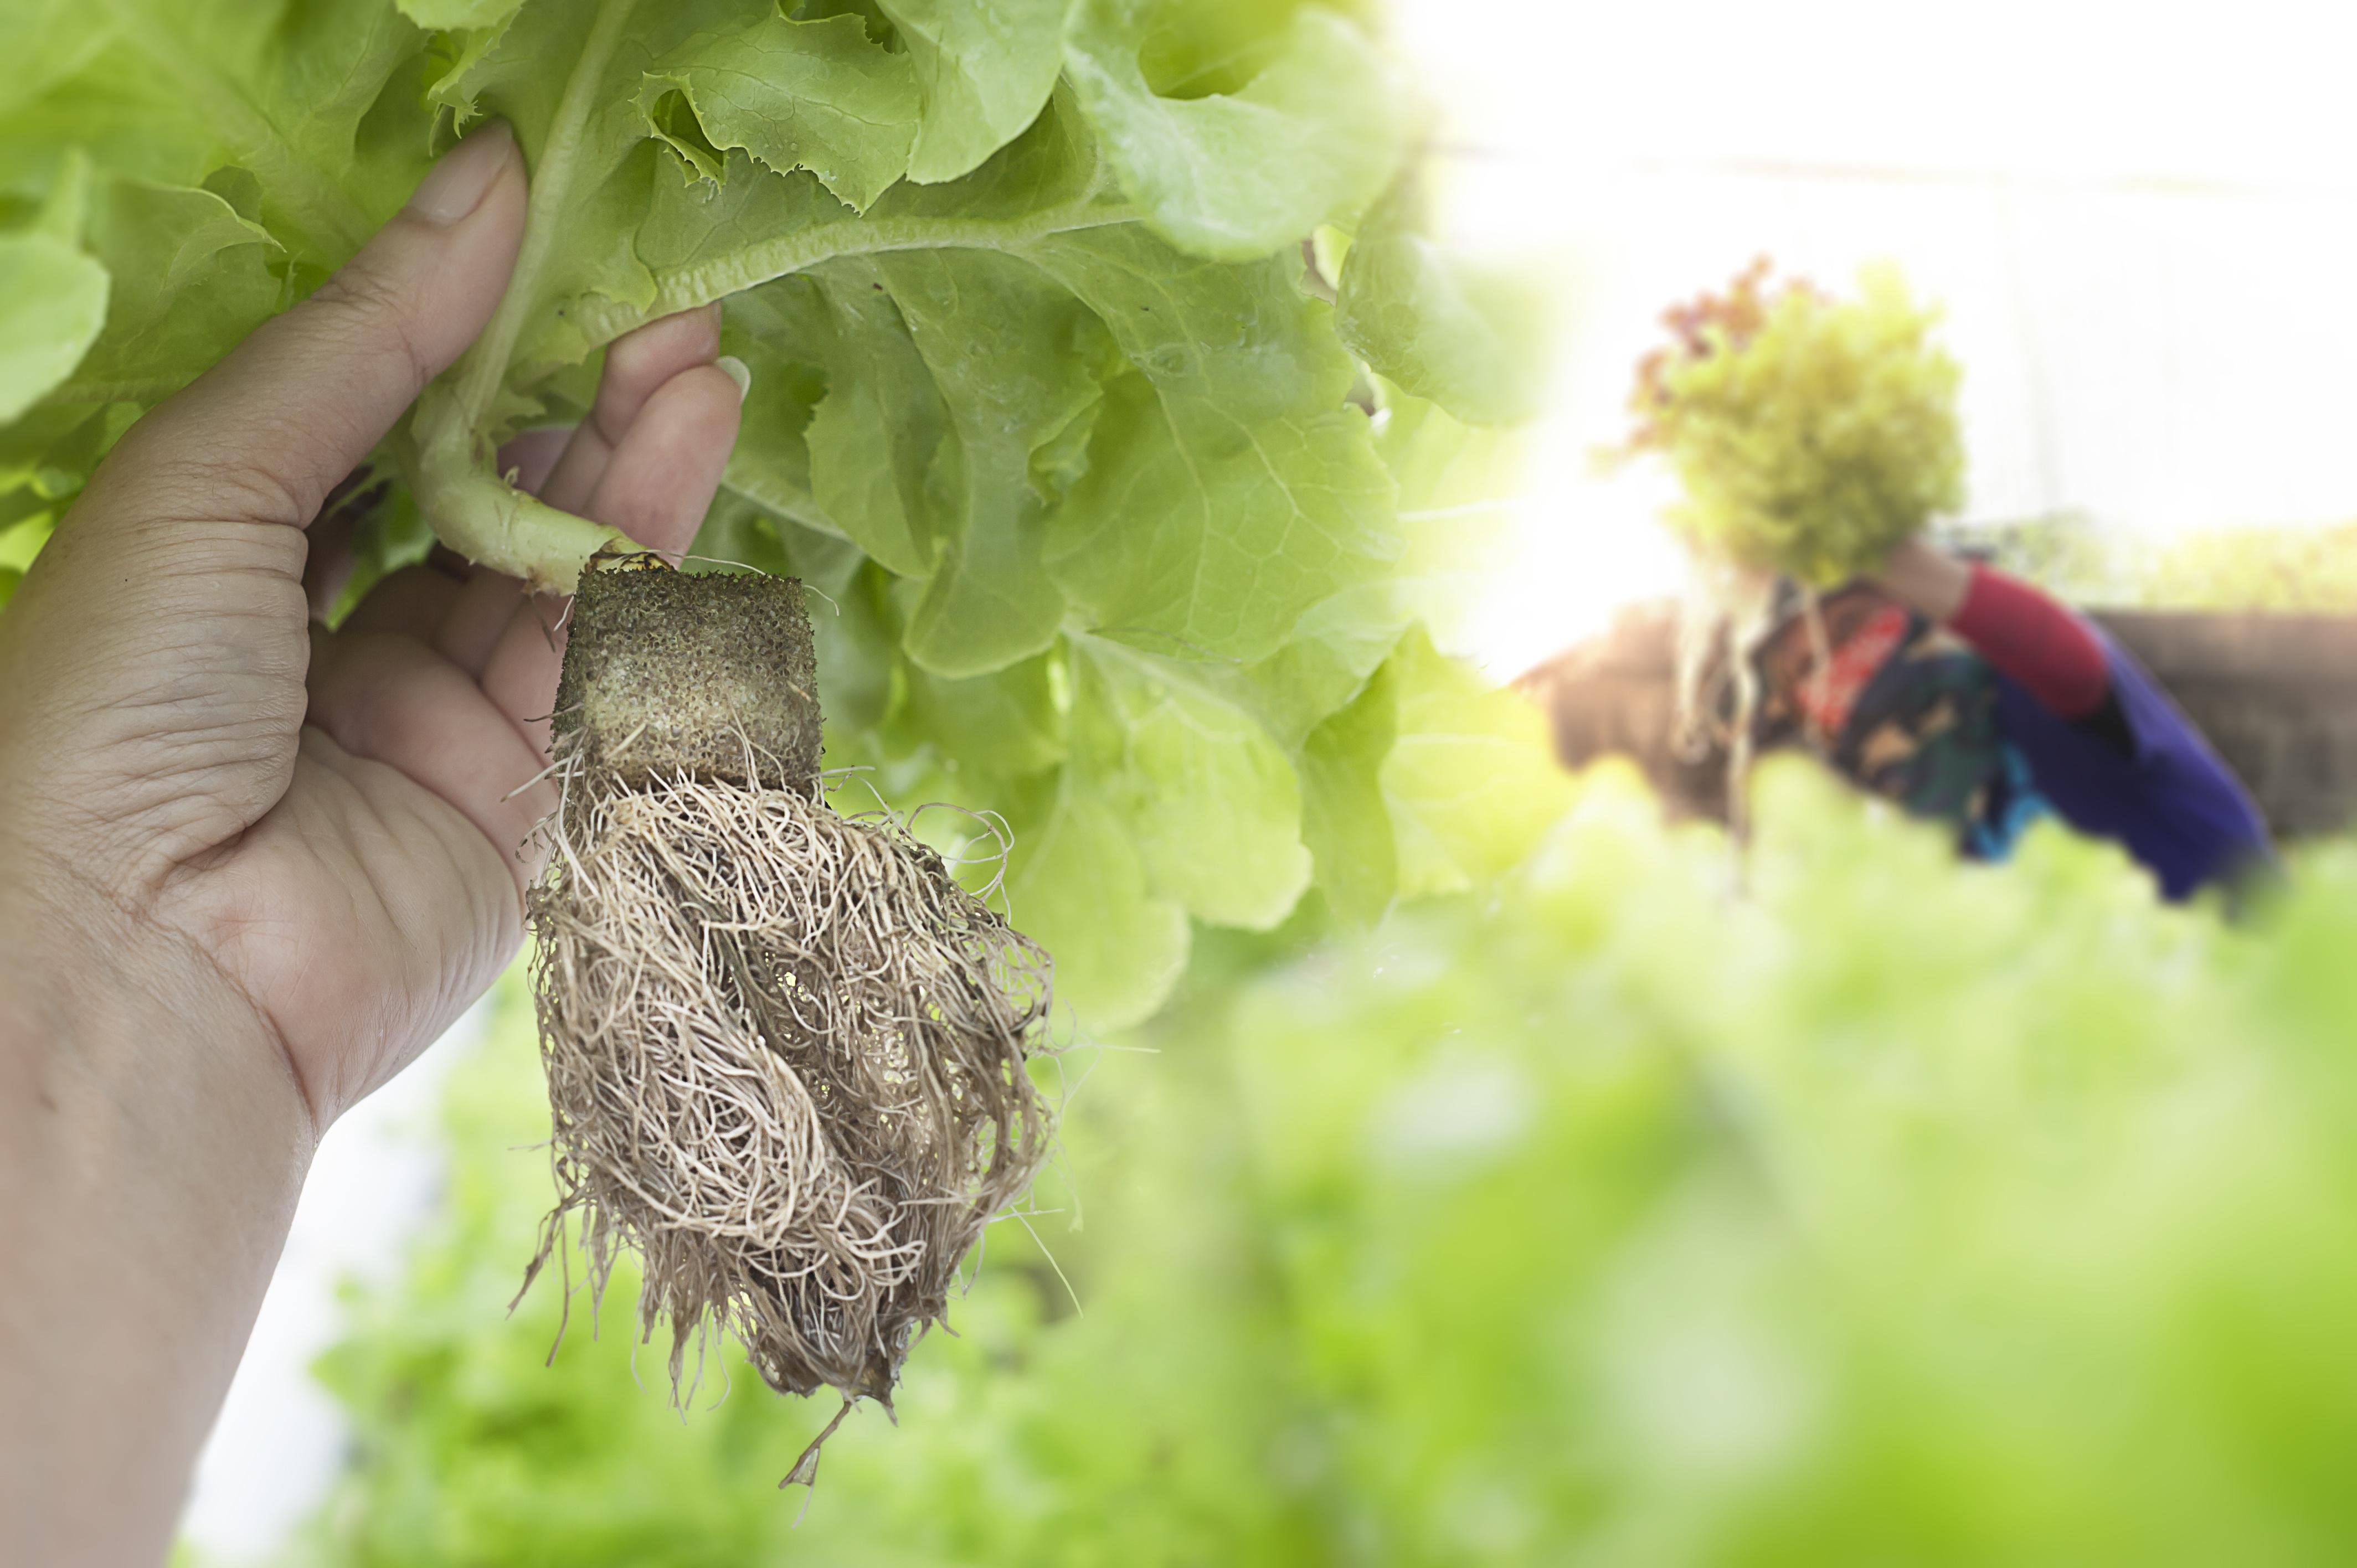 Farmer harvests Hydroponics plants. Aeroponics Salad vegetable.